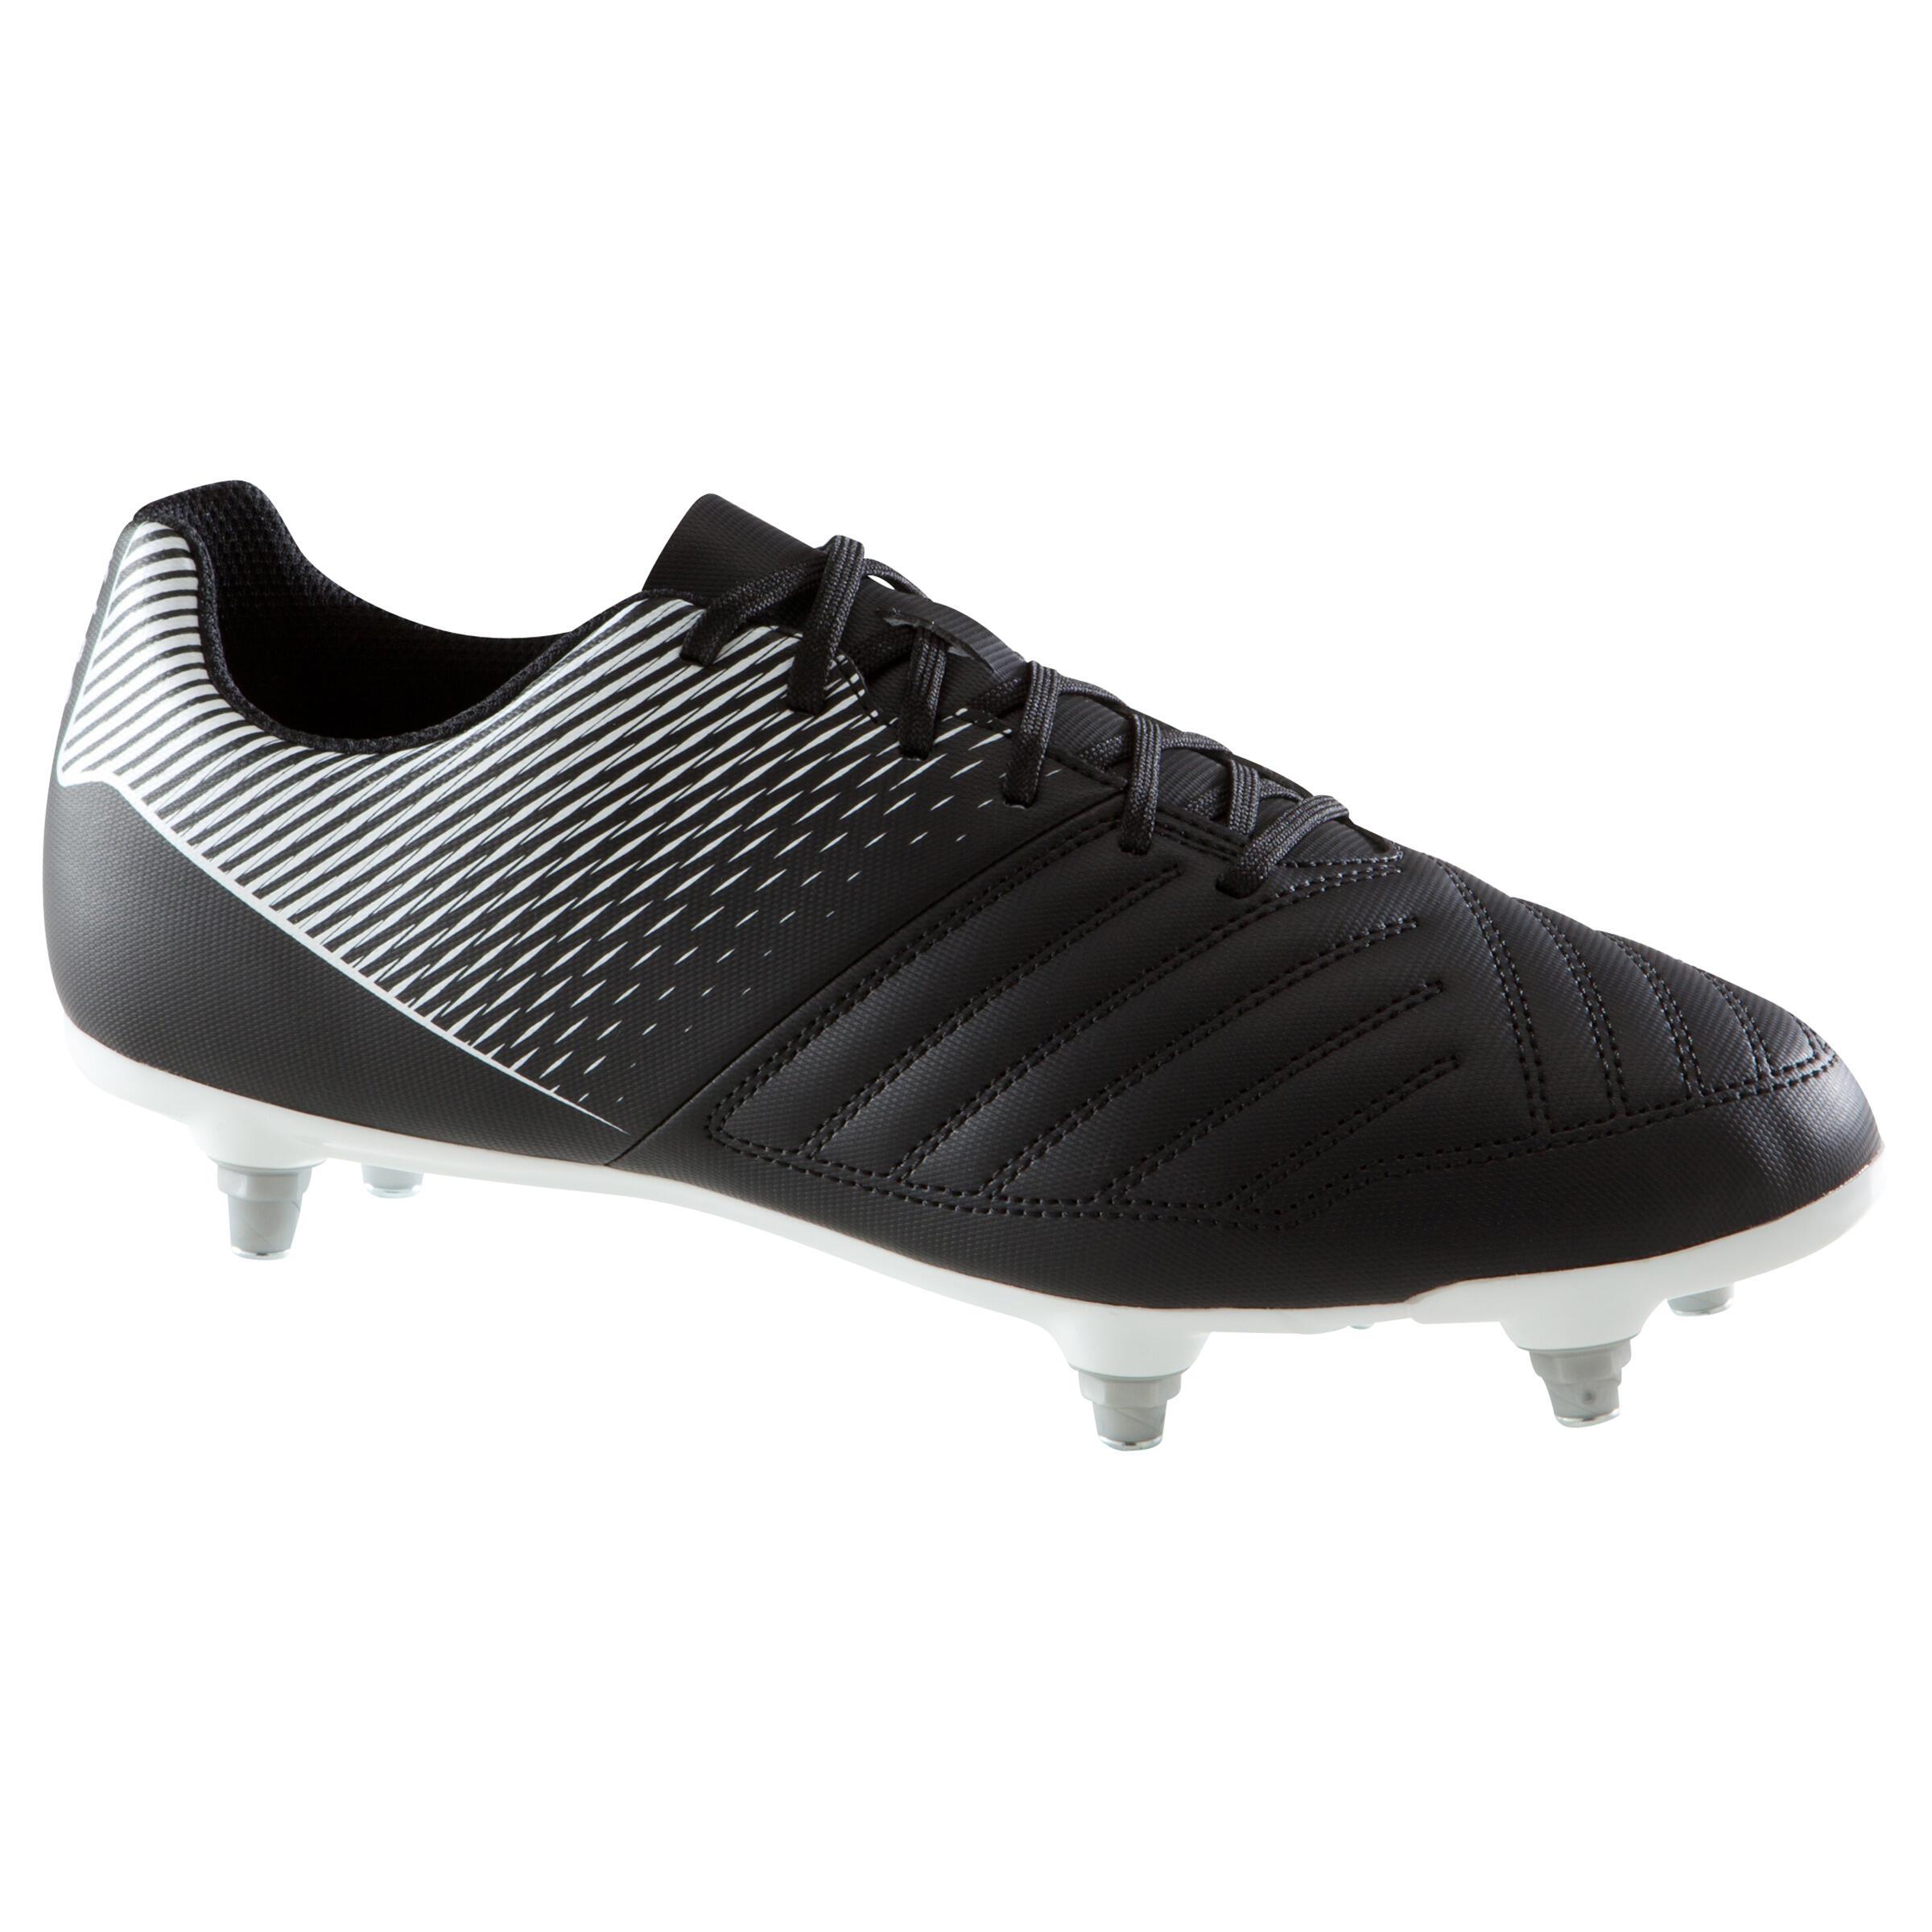 Kipsta Voetbalschoenen Agility 100 SG voor volwassenen zwart/wit